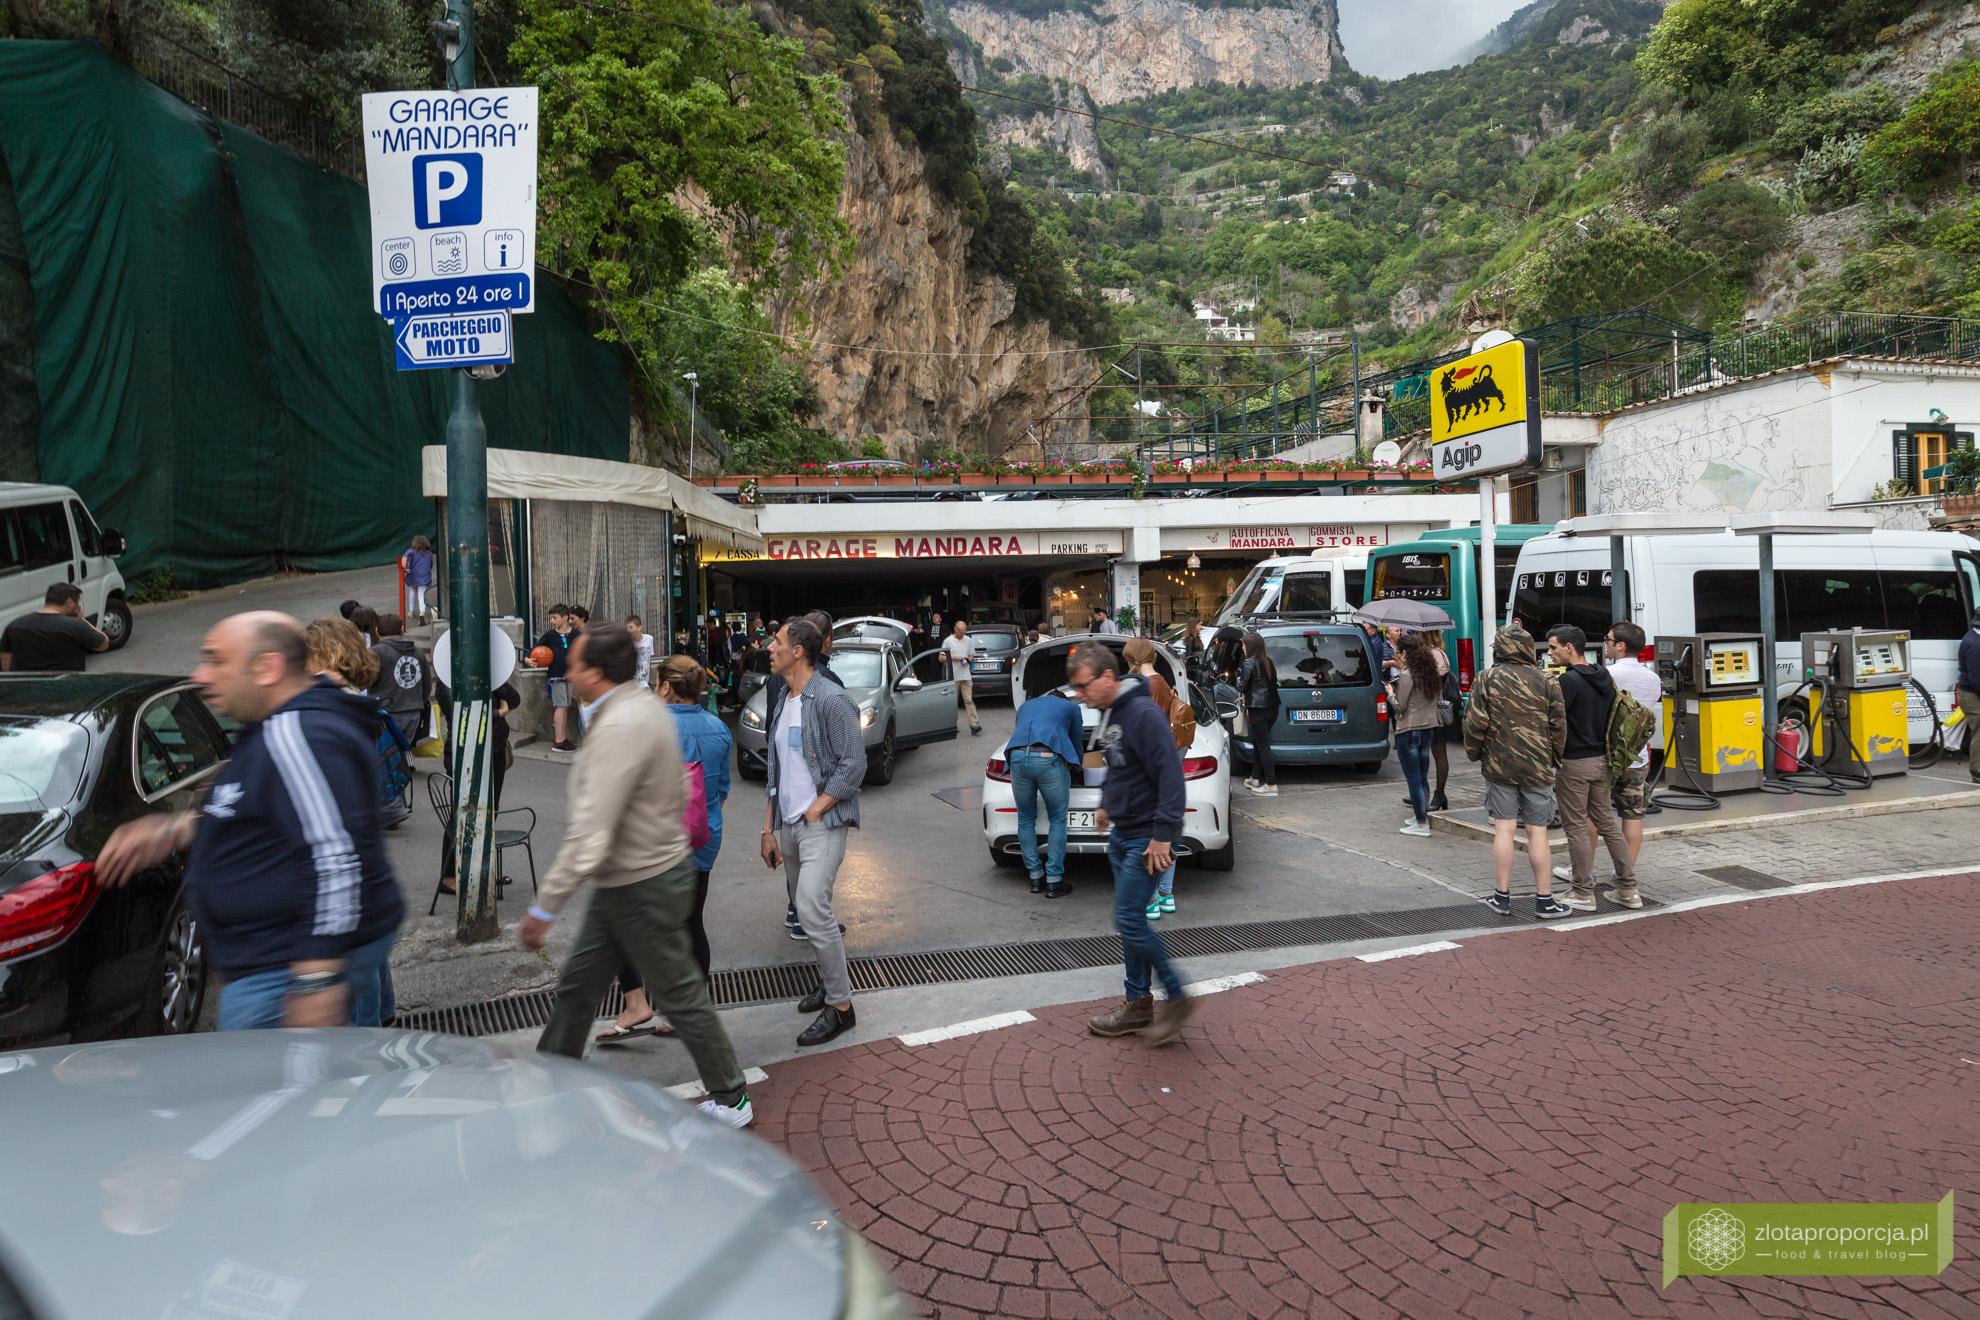 Positano, Włochy, Amlfi, Wybrzeże Amalfitańskie, problemy Positano, Positano samochodem